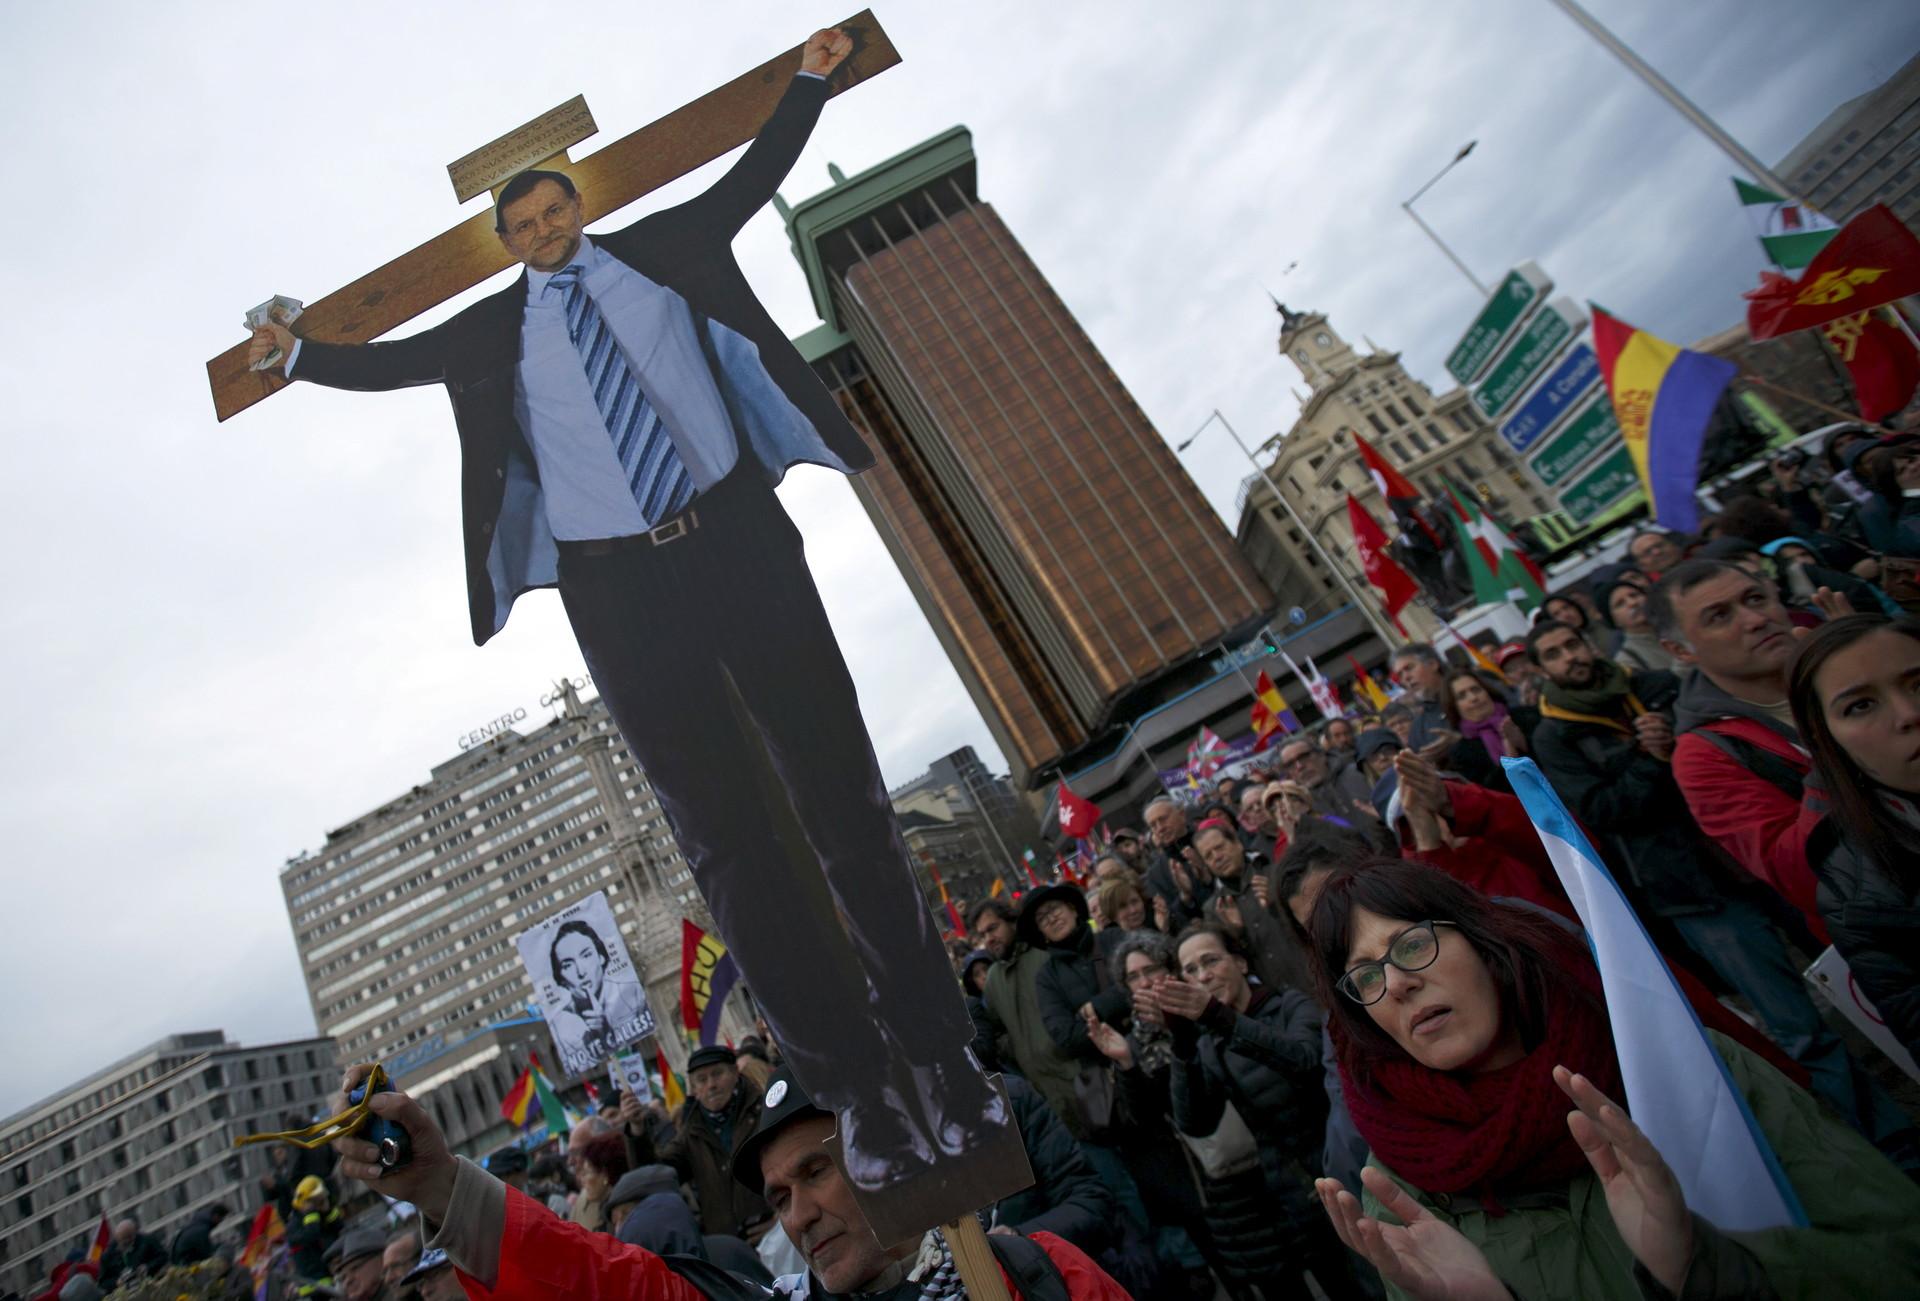 La Marcha de la Dignidad toma Madrid